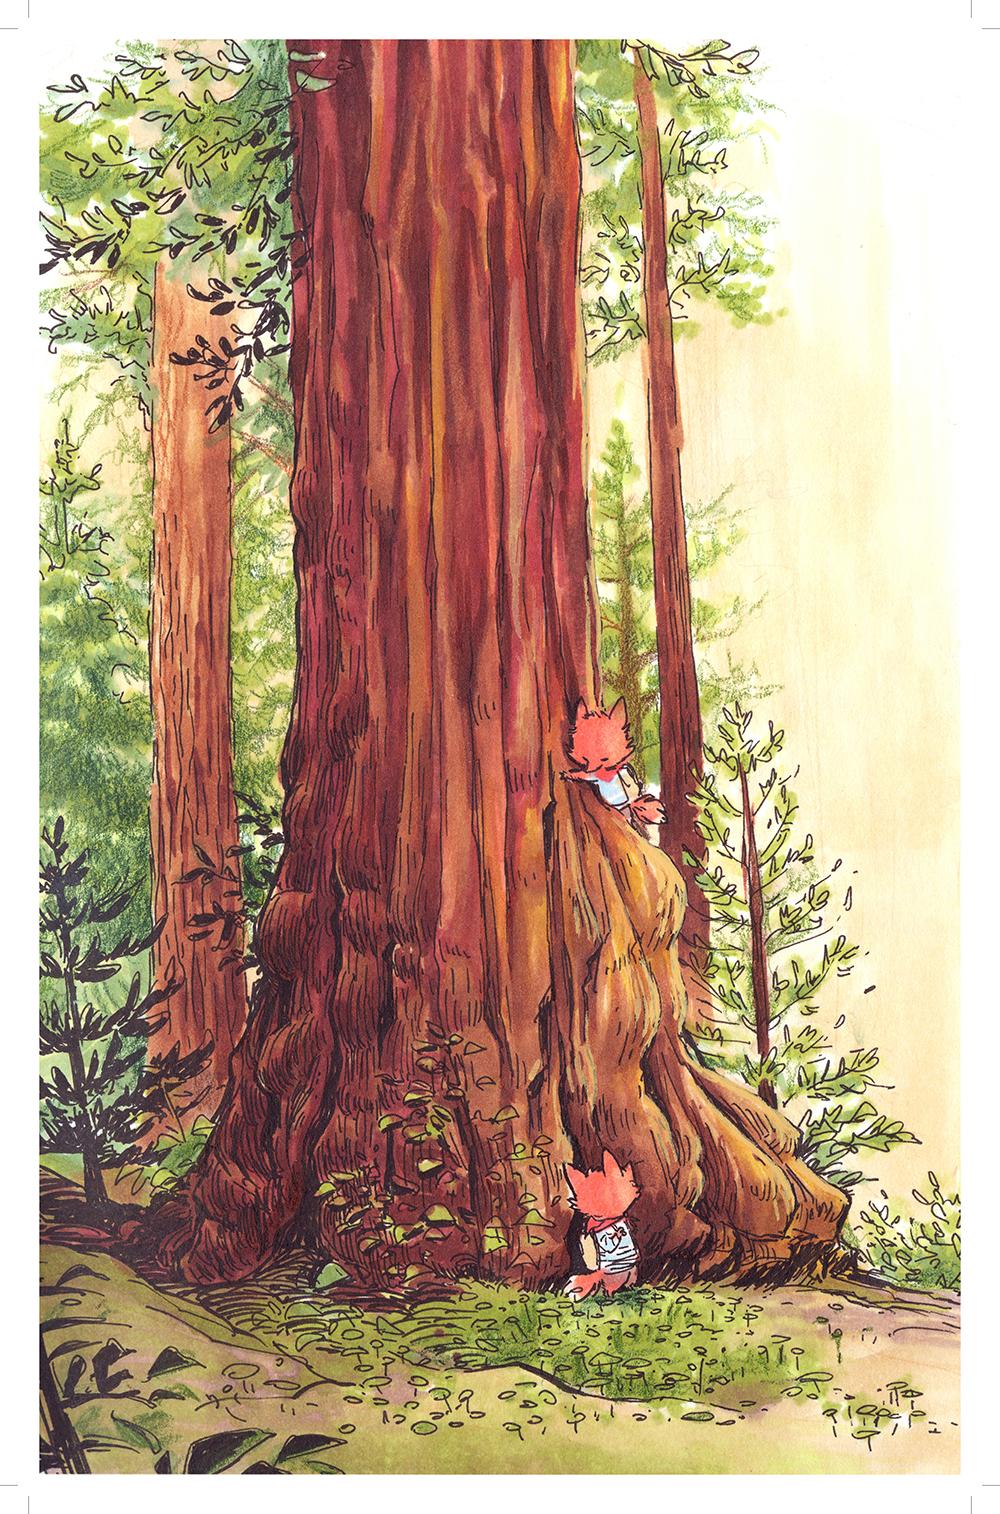 CLiao_redwoods_11x17.jpg